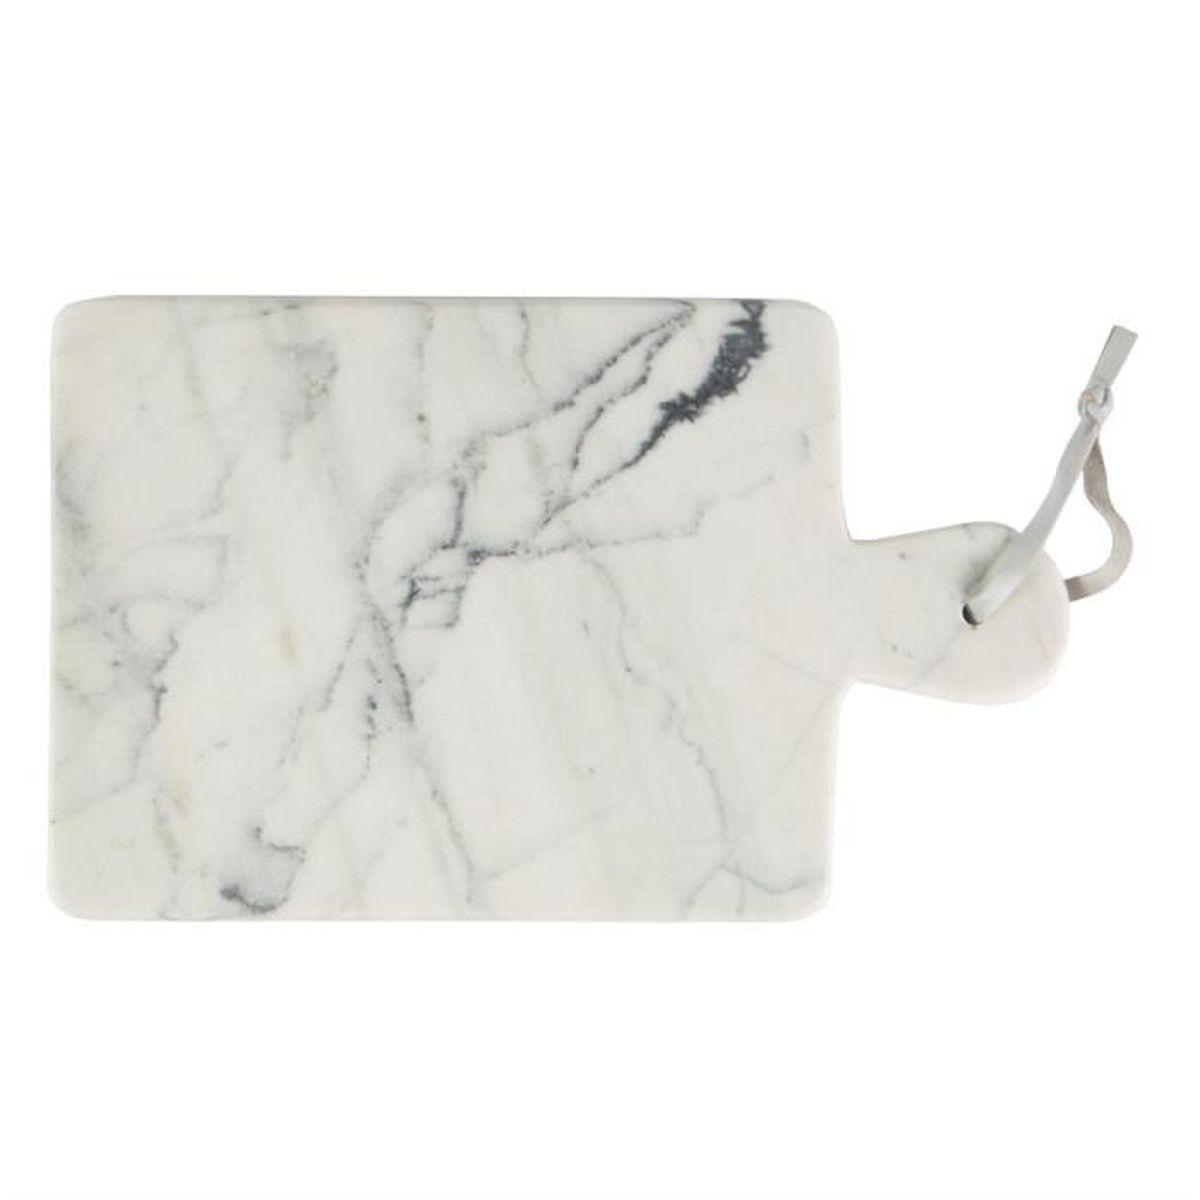 planche a decouper en marbre achat vente planche a. Black Bedroom Furniture Sets. Home Design Ideas